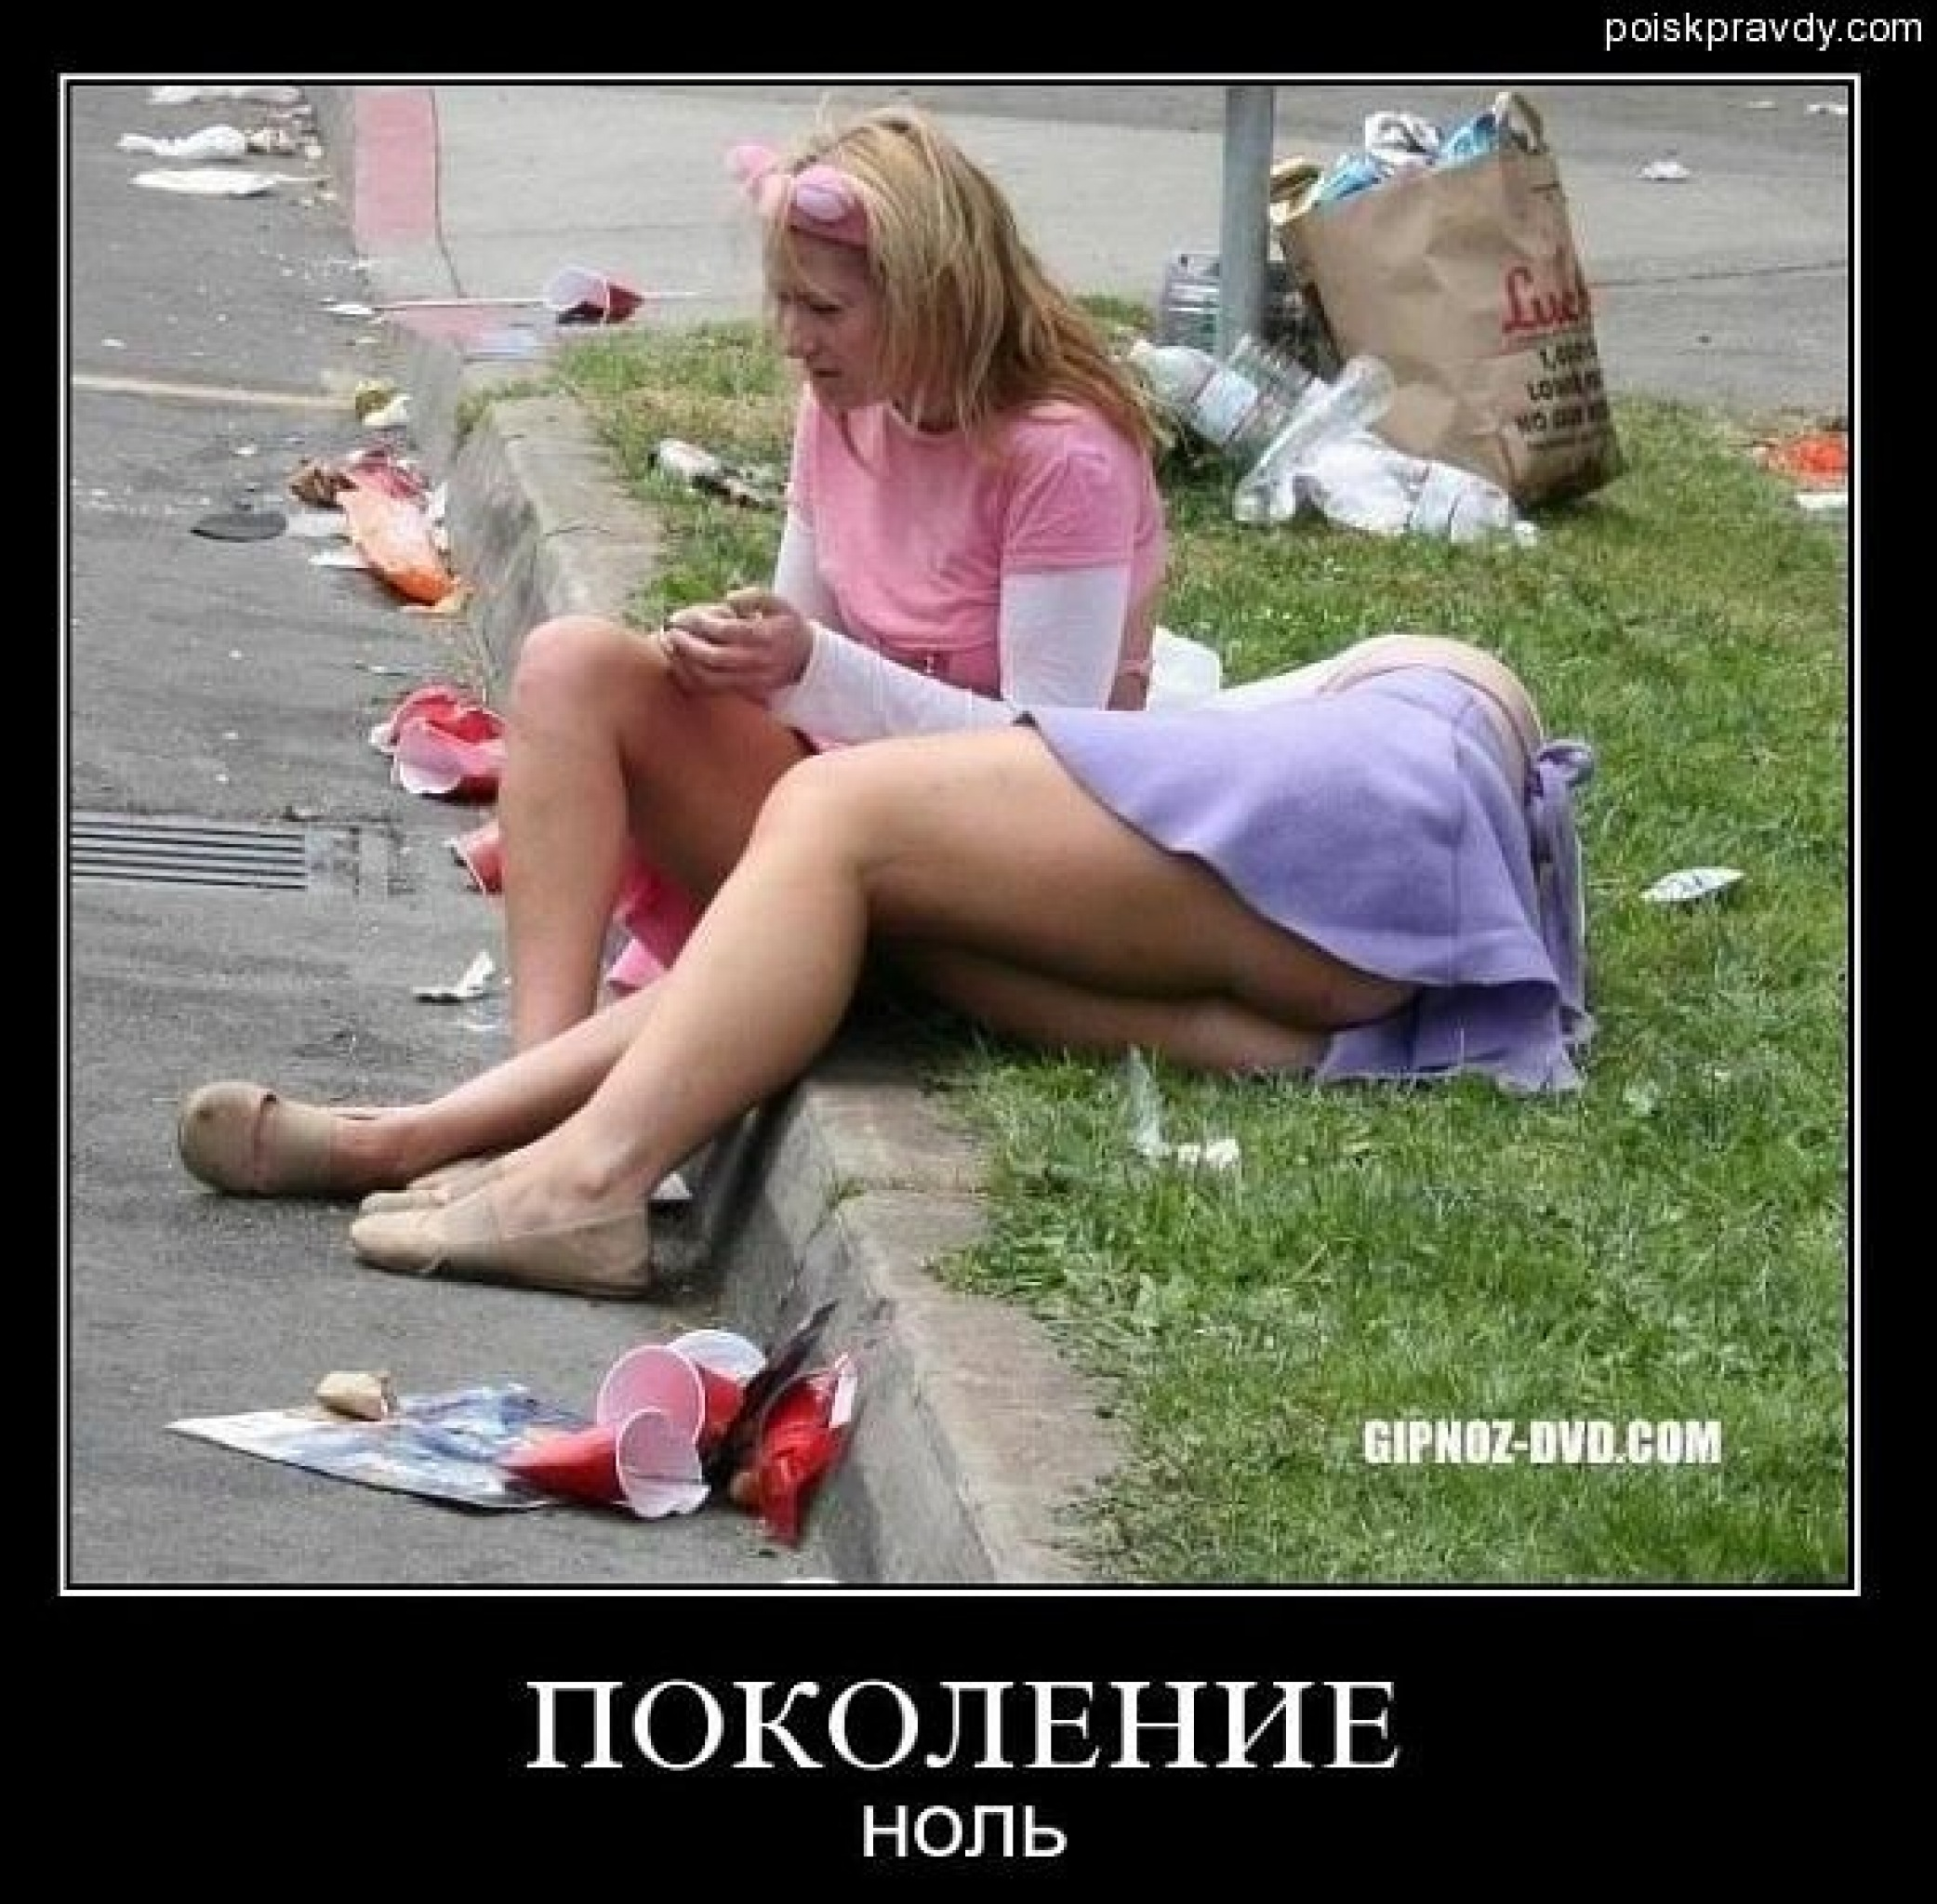 Пьяные женщины в дрызг 22 фотография